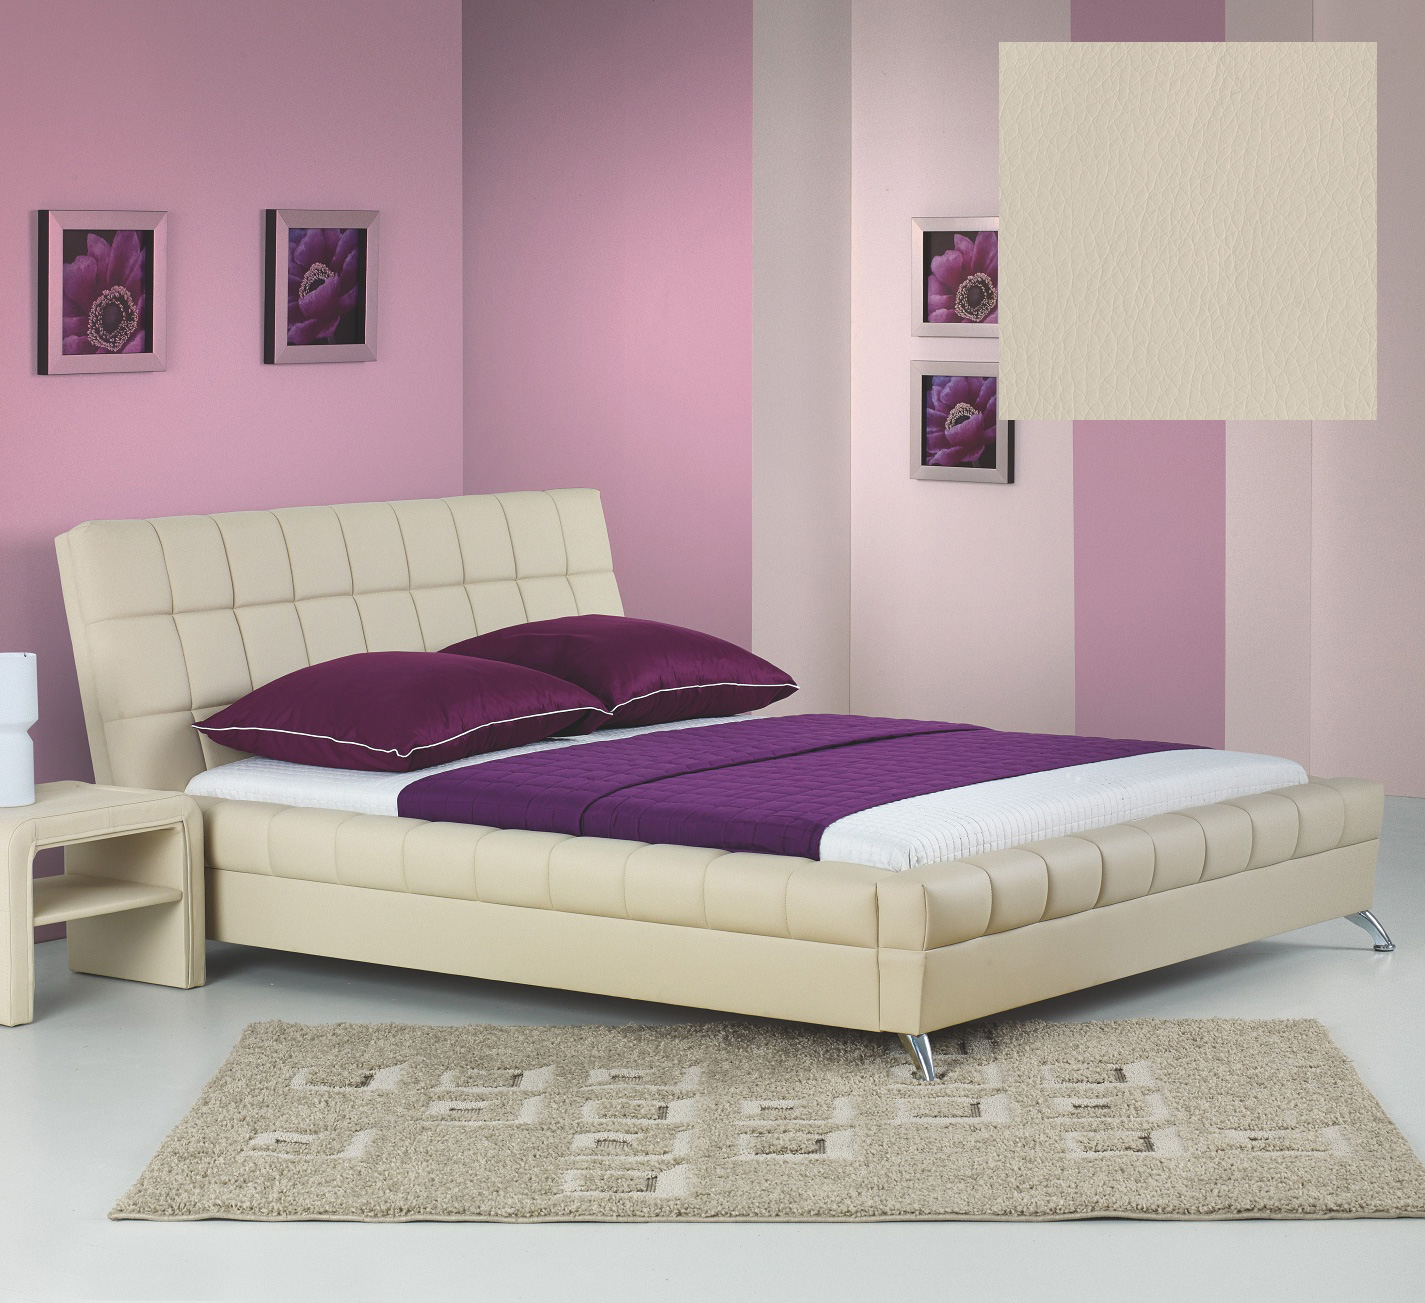 Hilda sängram och Huvudgavel Beige Eco Läder 4995 kr Trendrum se